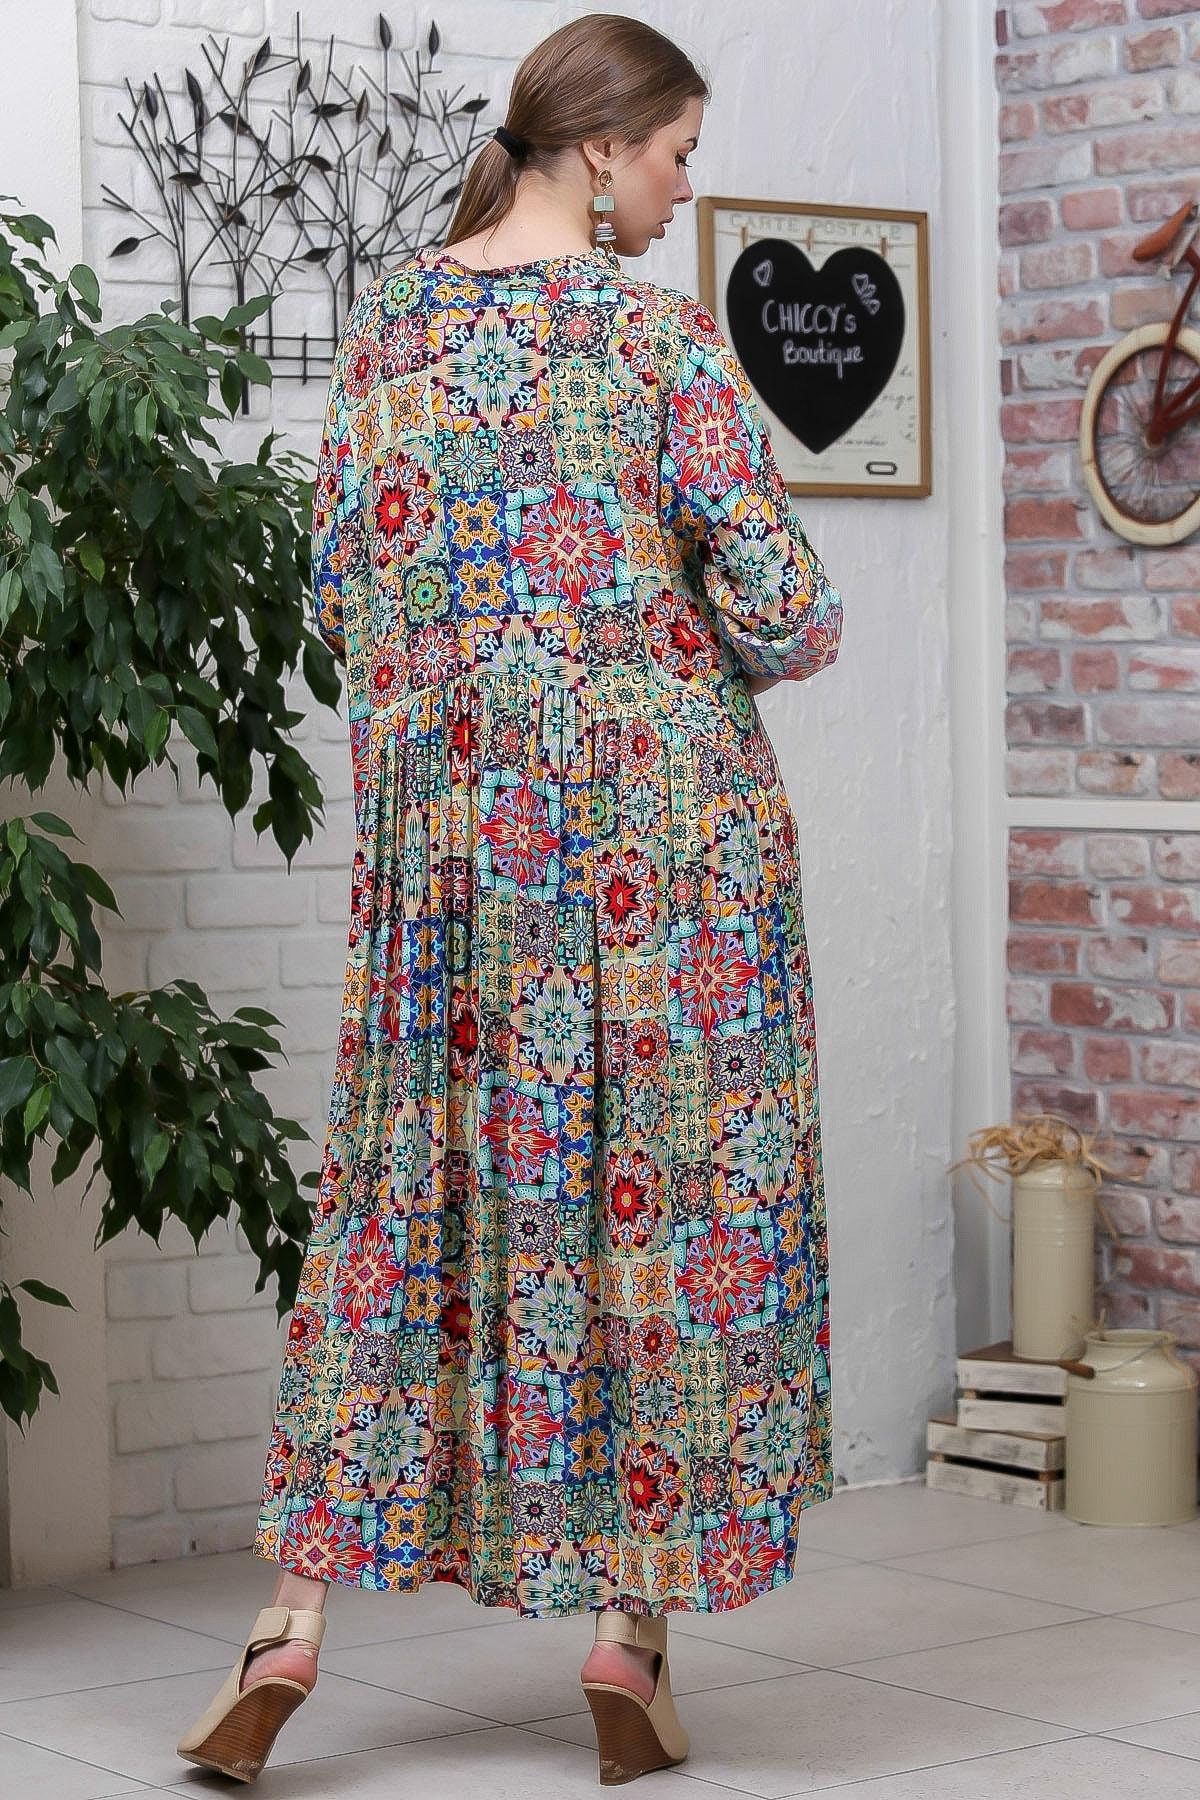 Chiccy Kadın Yeşil  Bohem Ottoman Desenli Ahşap Düğmeli Büzgülü Salaş Elbise M10160000EL95584 3